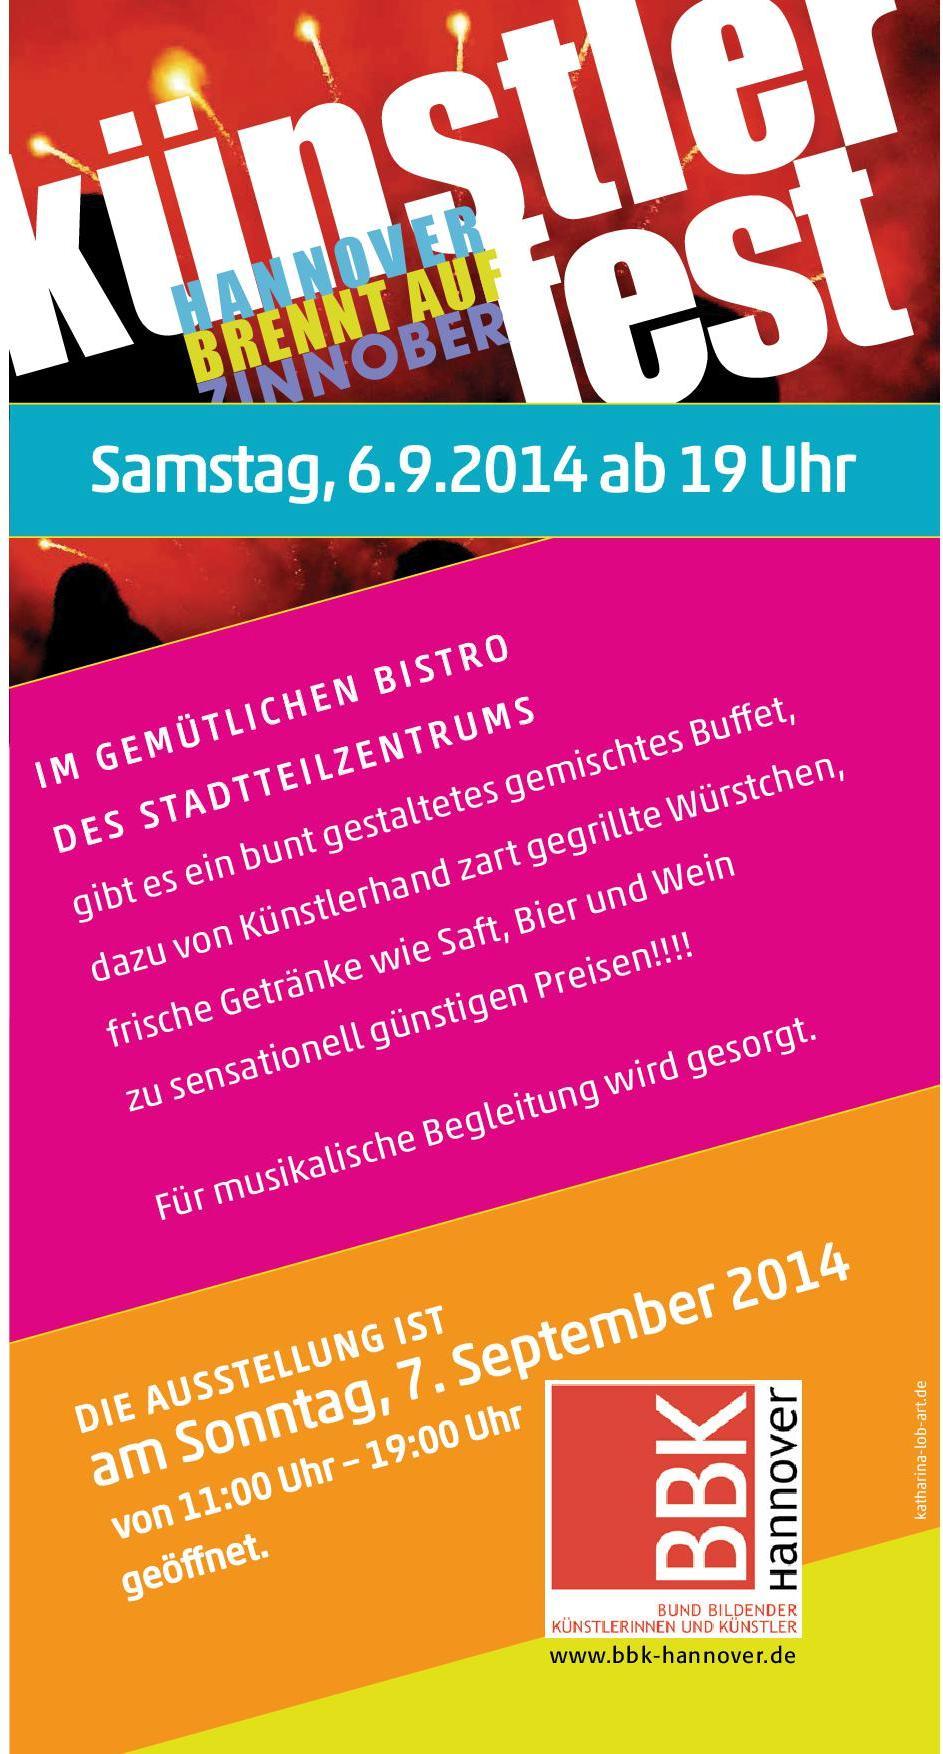 bbk_zinnober_2014_flyer S2-001